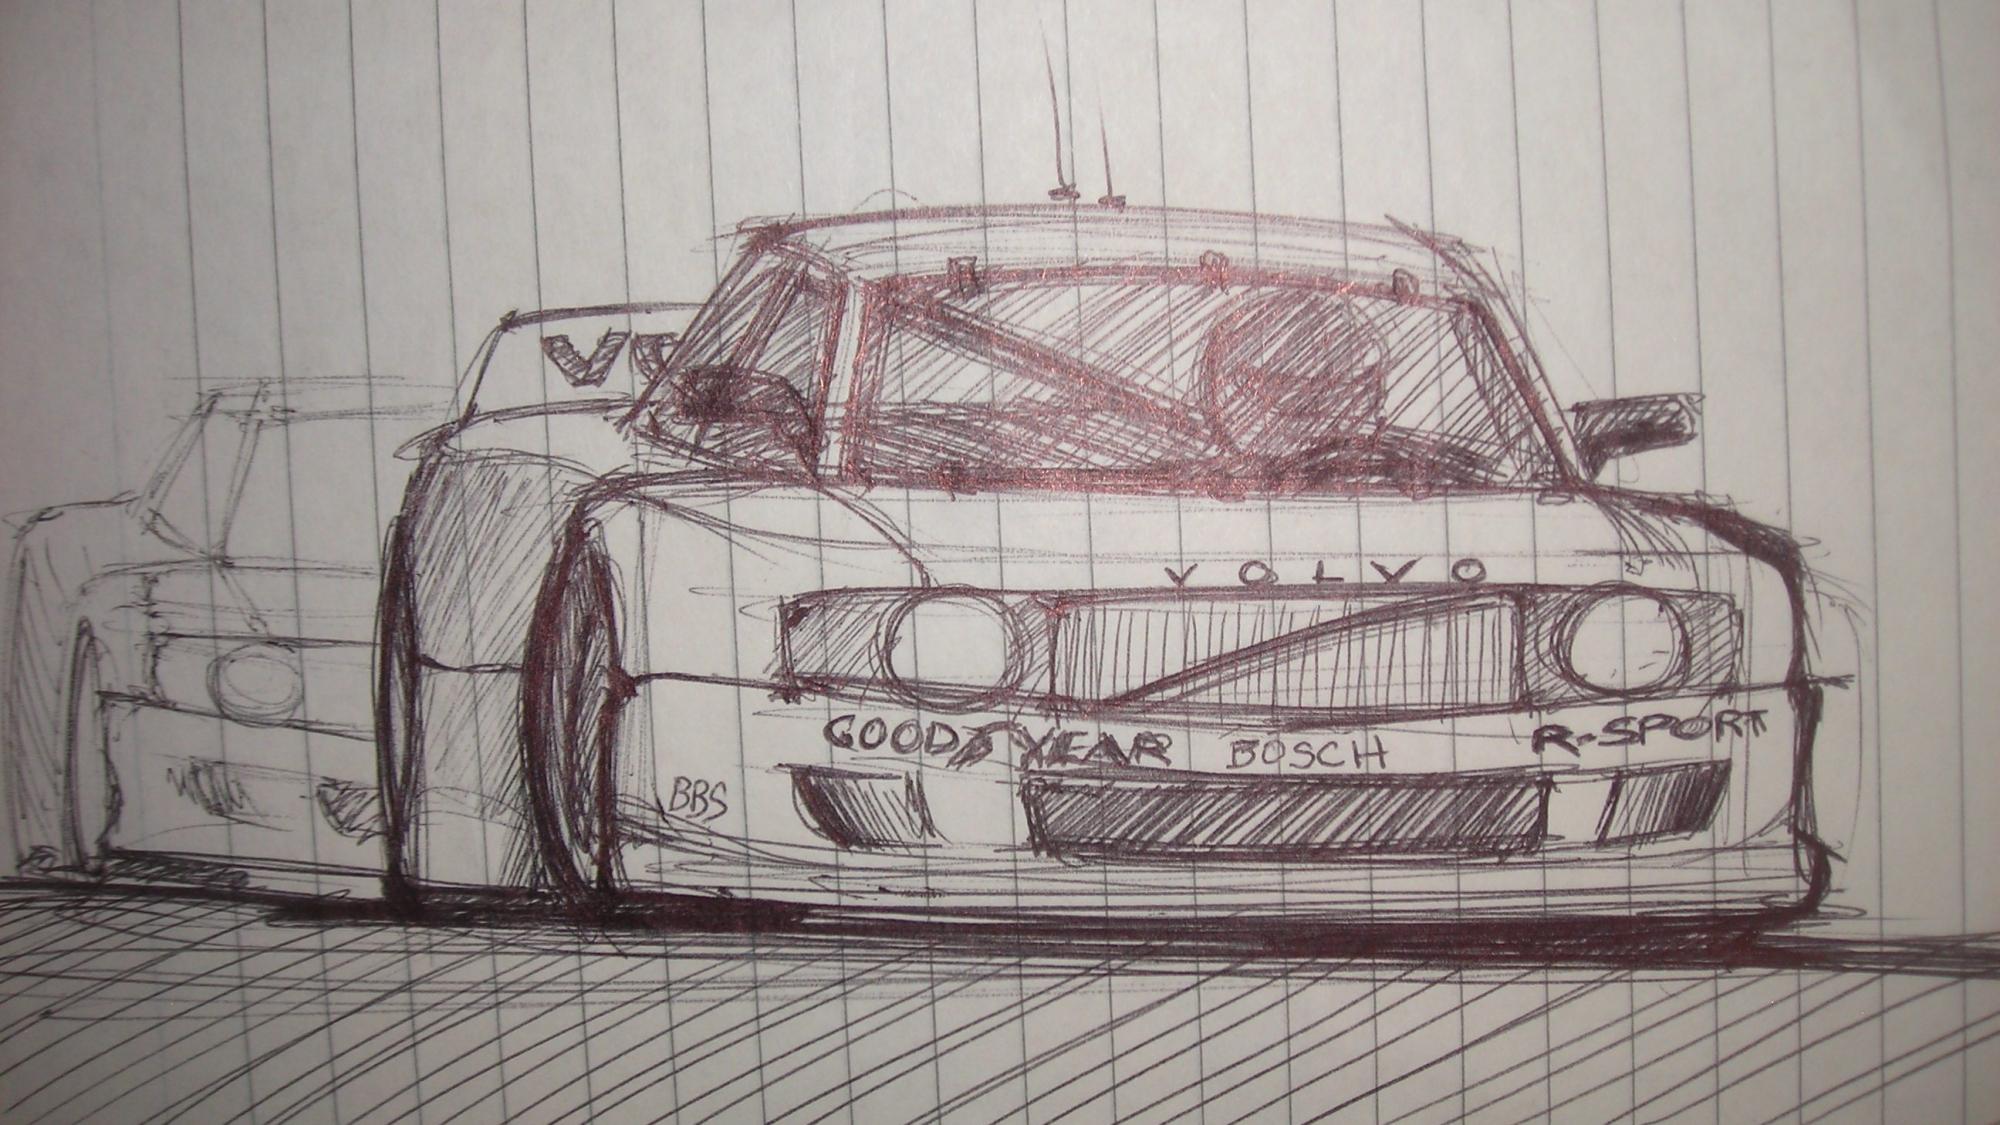 GTU Volvos